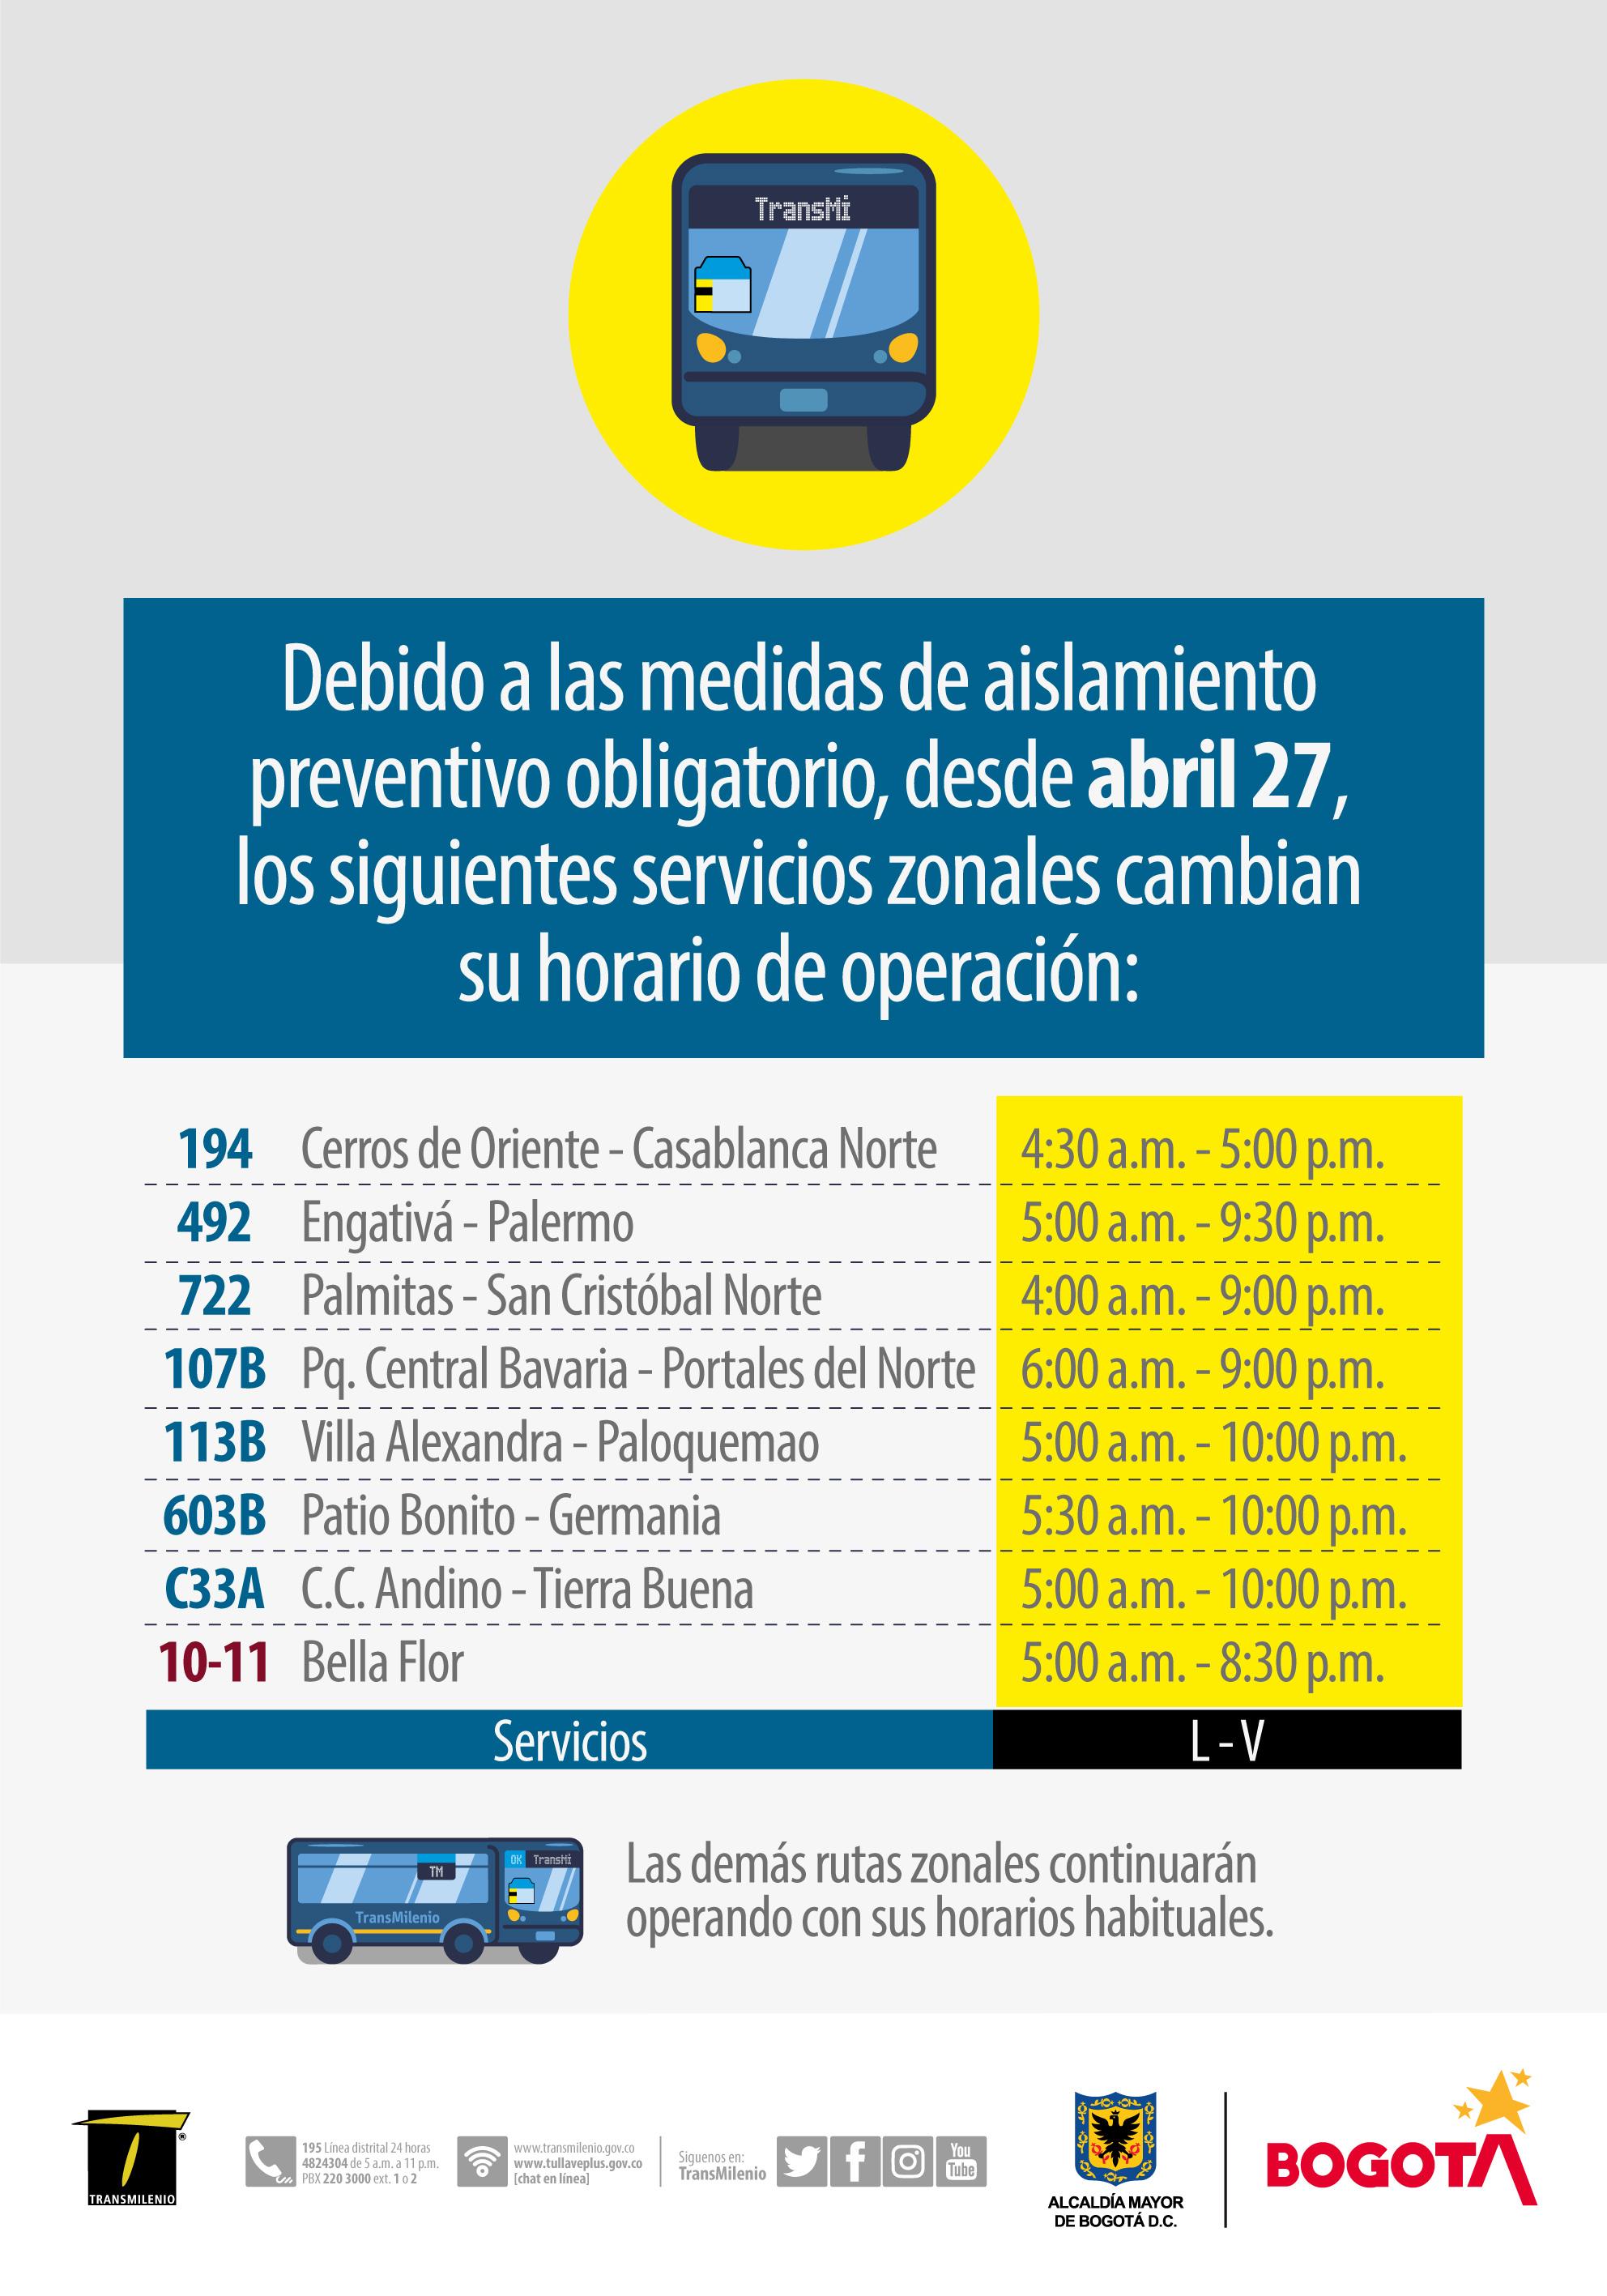 ¡Pilas con el cambio de horario en algunas rutas de transporte!